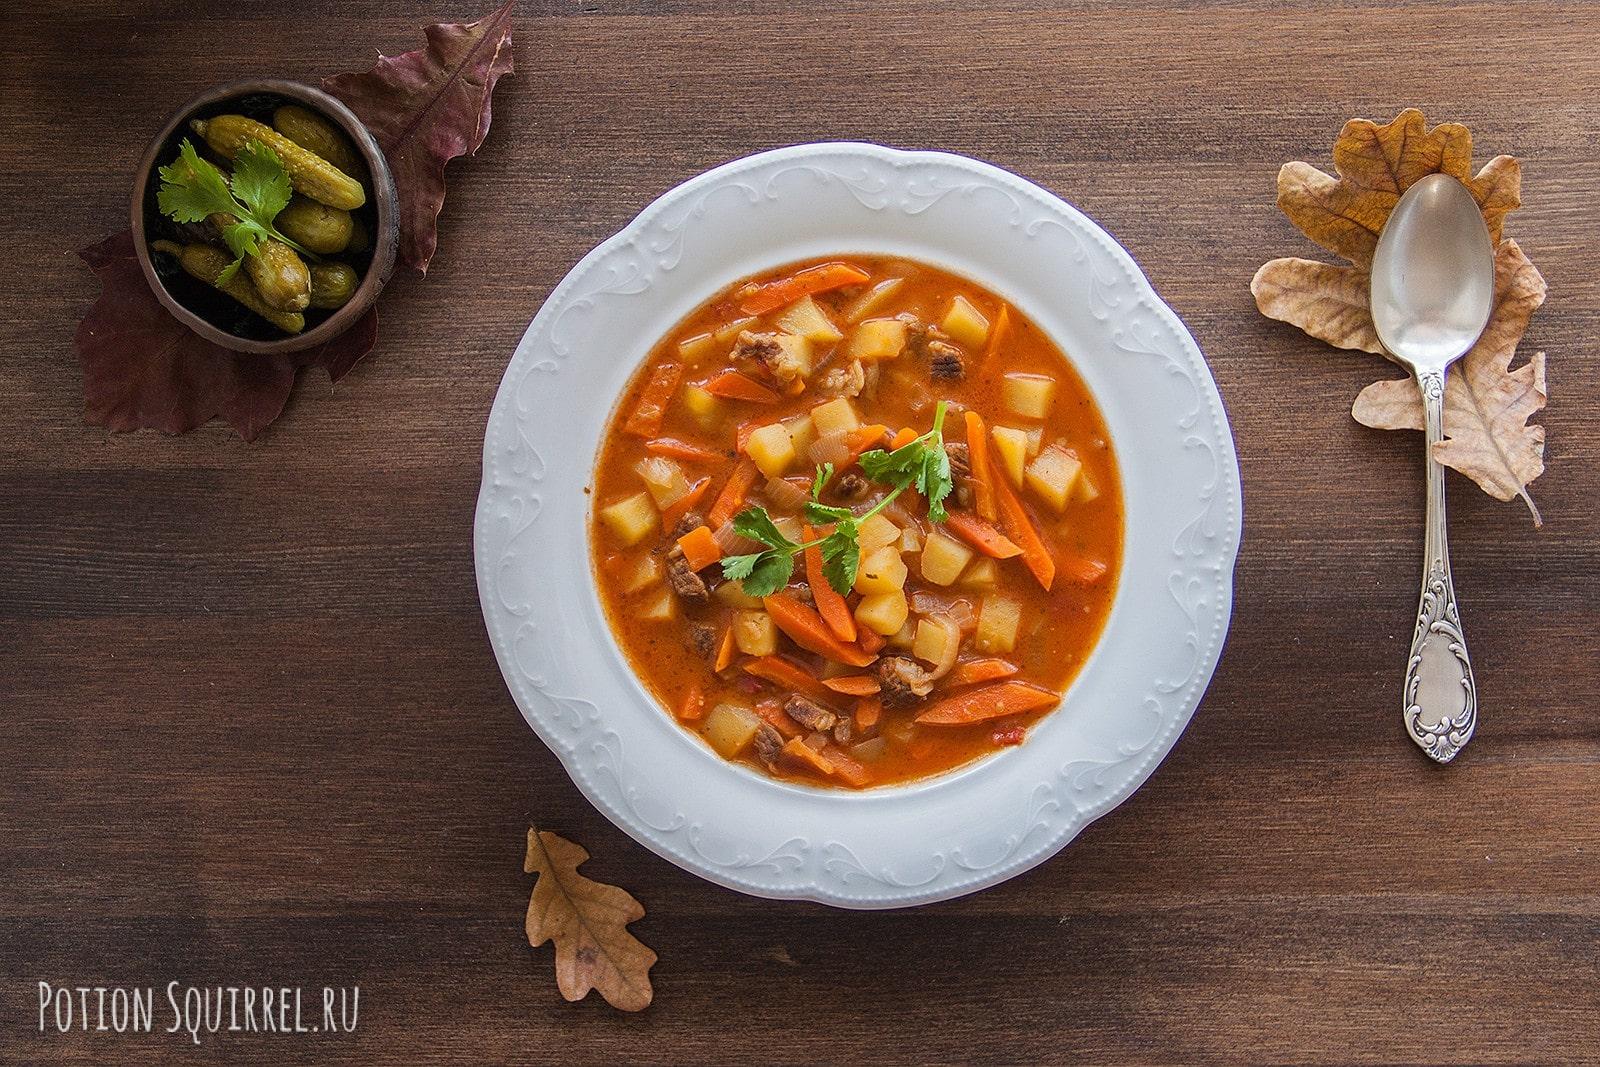 Венгерский суп гуляш. Фото, ингридиенты и пошаговый рецепт от potionsquirrel.ru